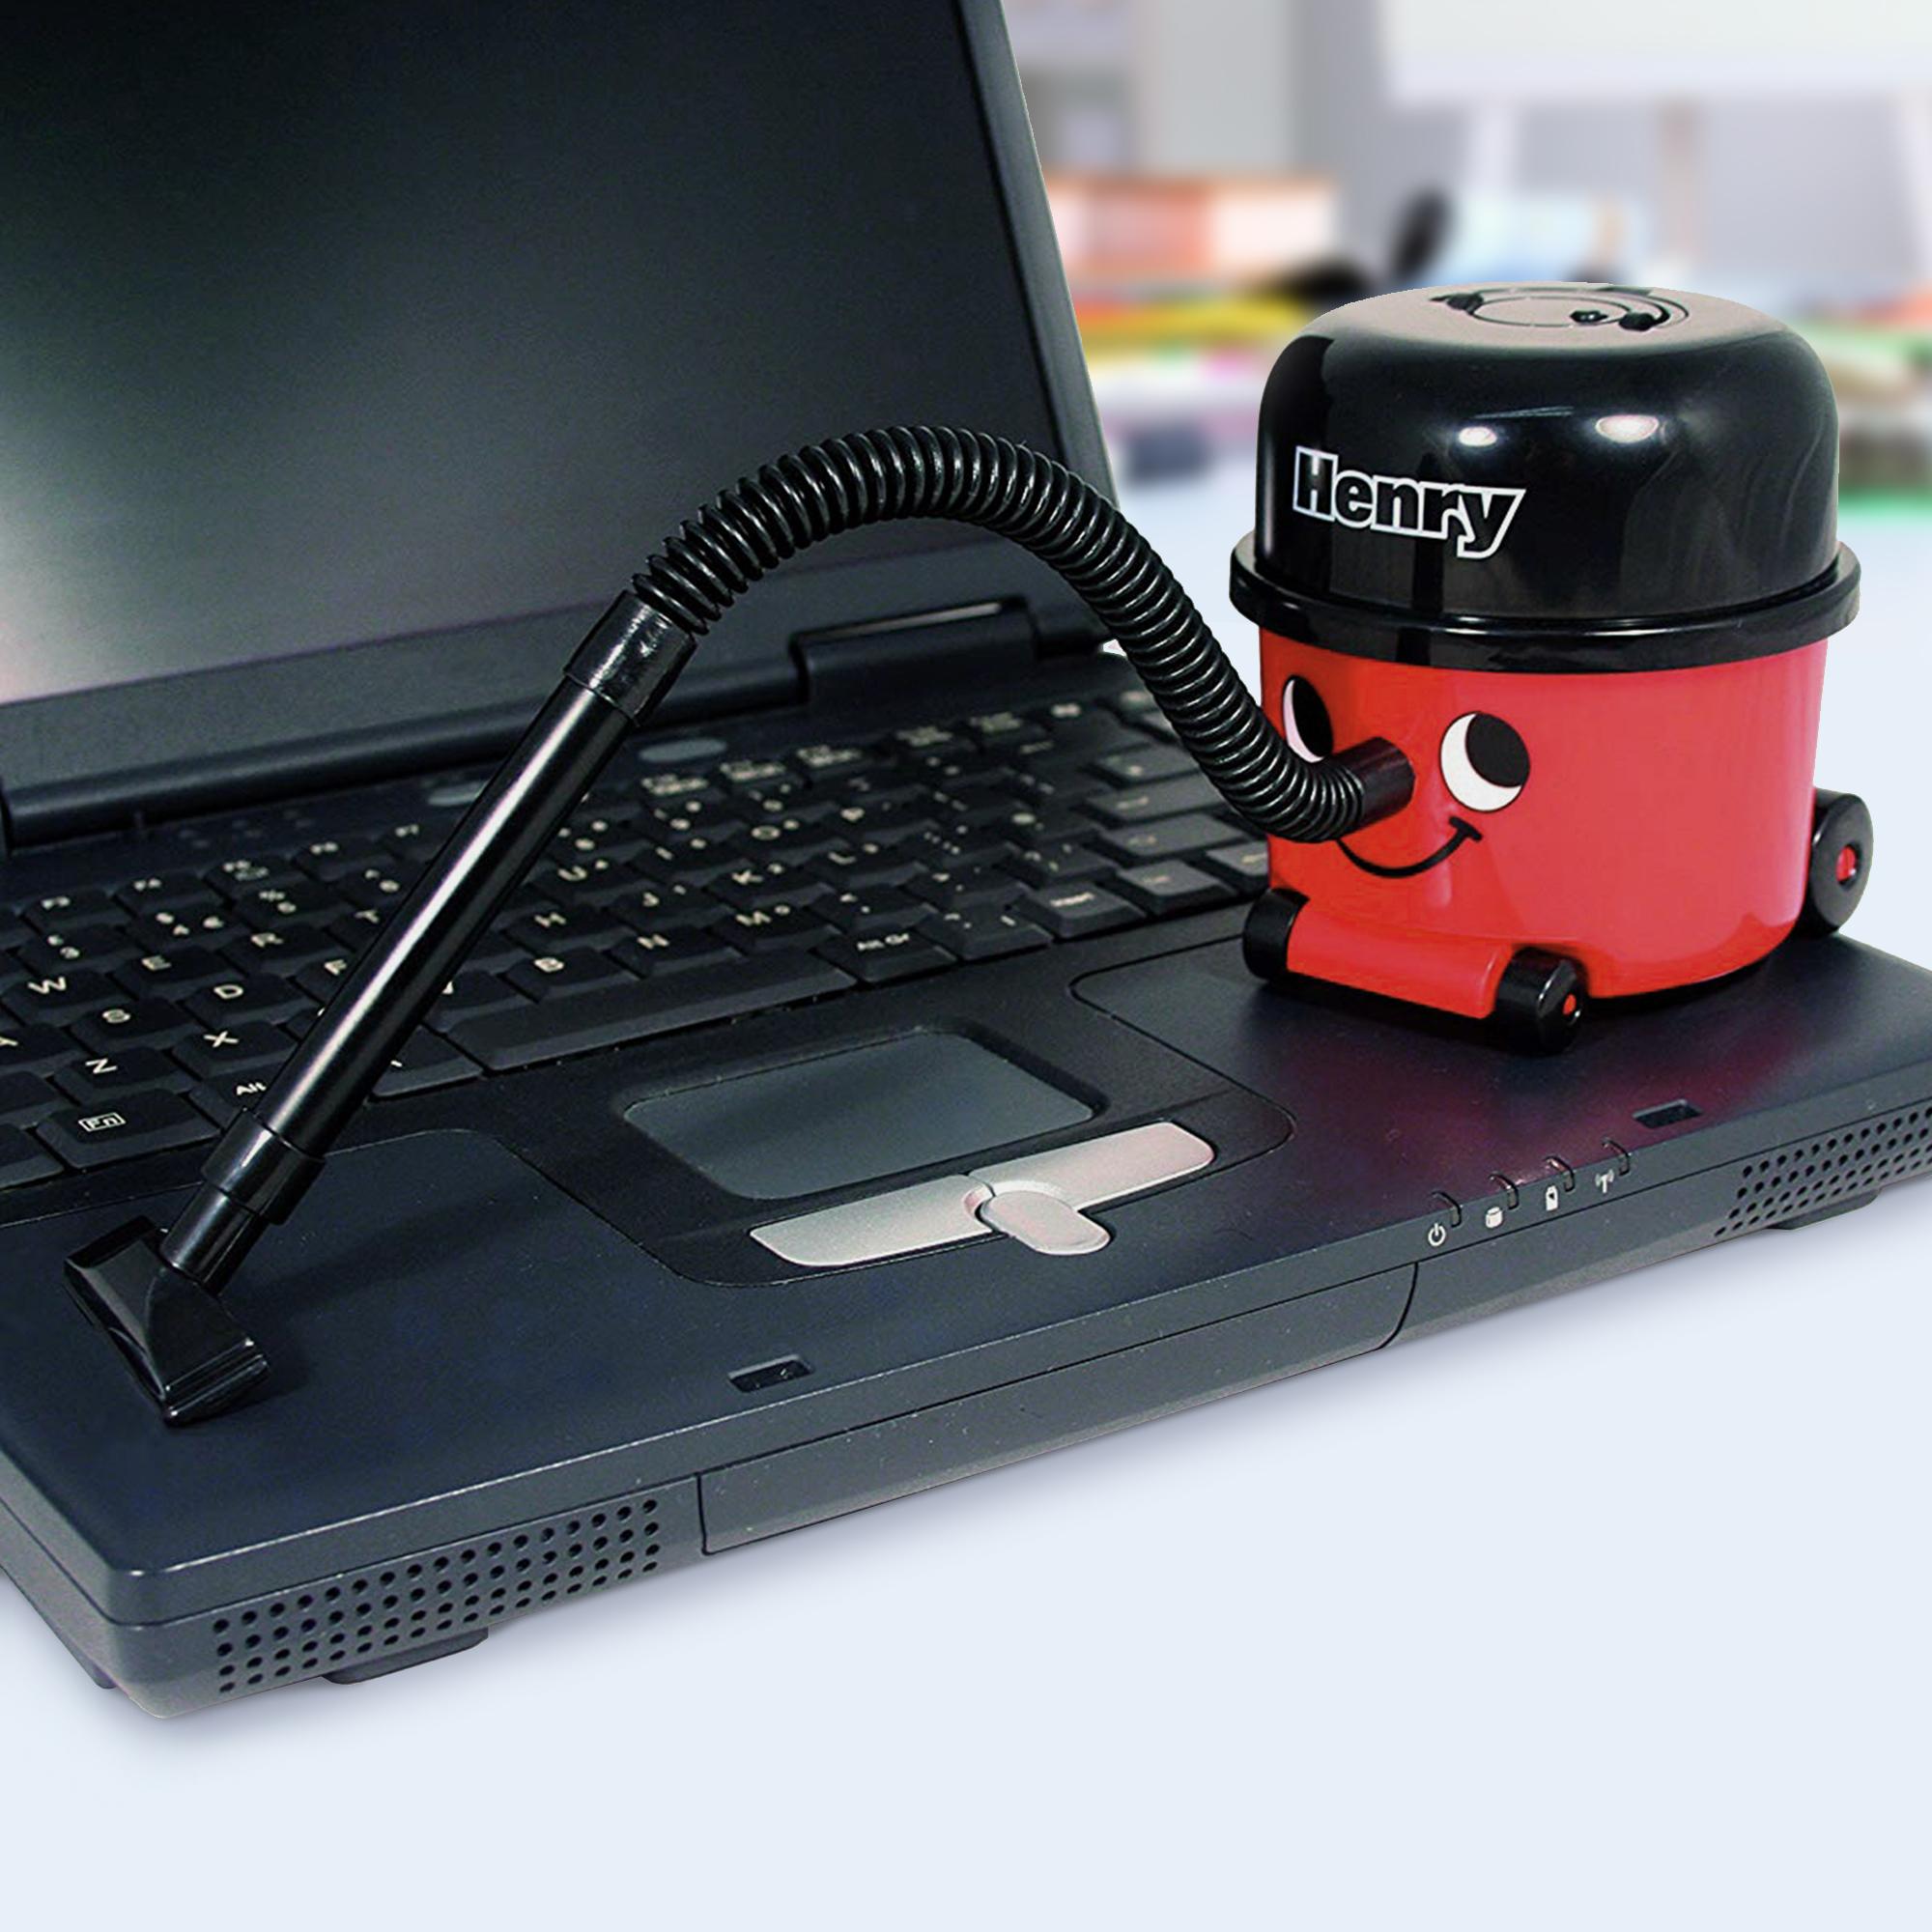 Aspirateur de bureau ou à clavier Henry | CommentSeRuiner